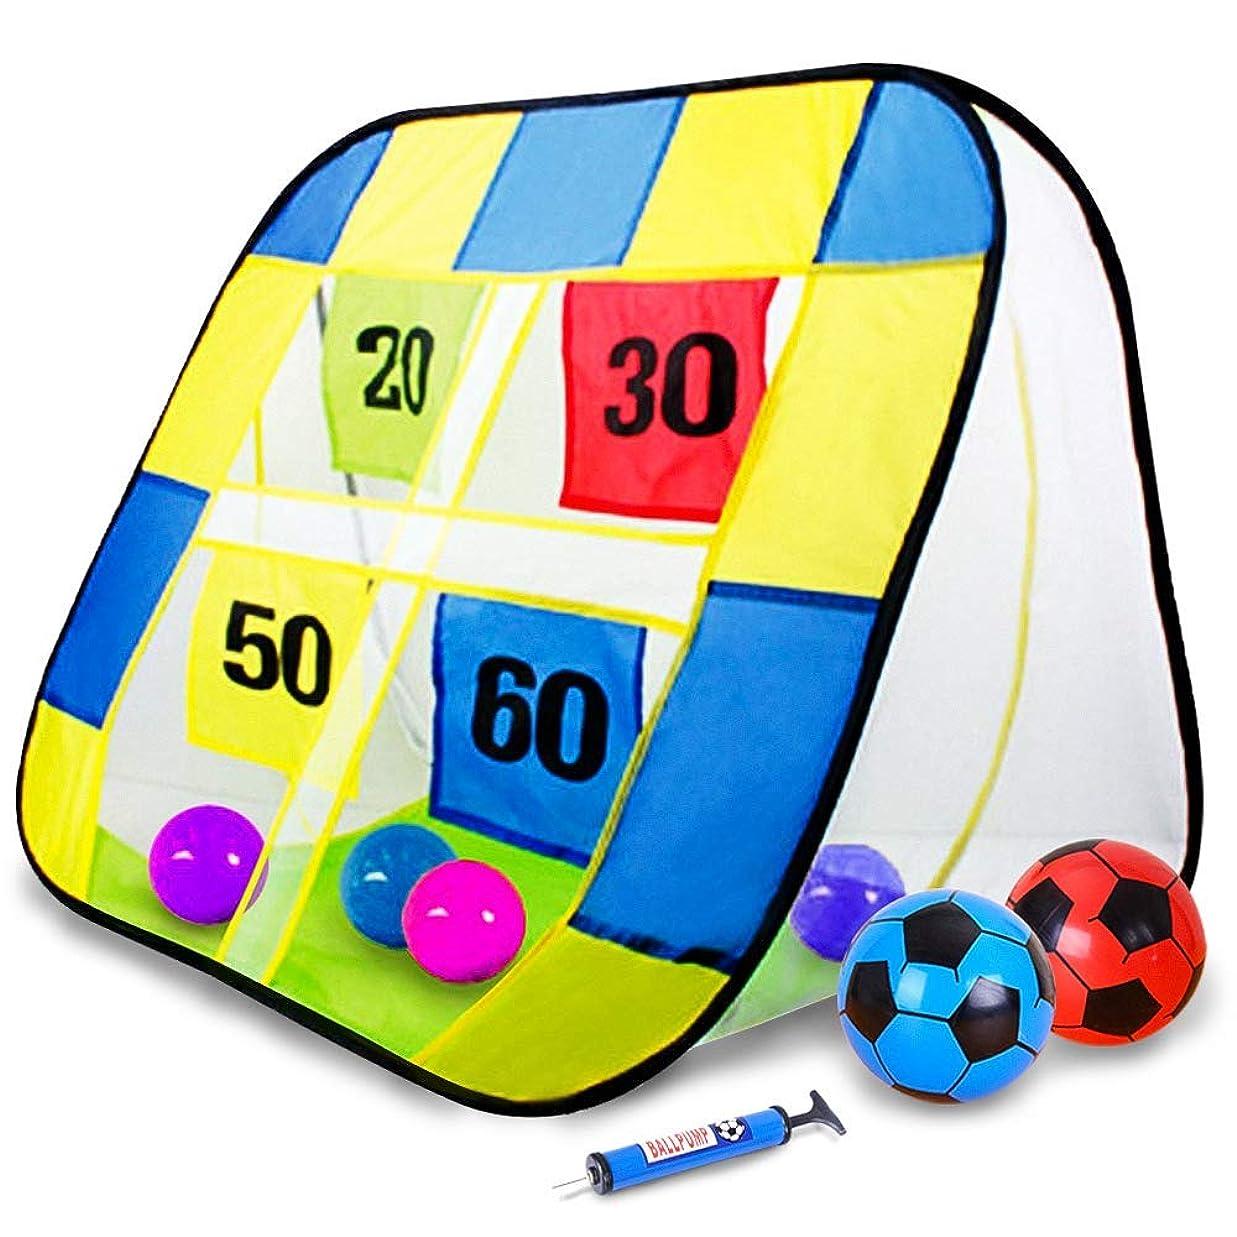 抵抗男かすかなストラックアウト サッカー ゴール ボール ハンドボール 折りたためる おもちゃ アウトドア 多人数で楽しめる レント 親子ゲーム 子供 ギフト 柔らかいボール付き